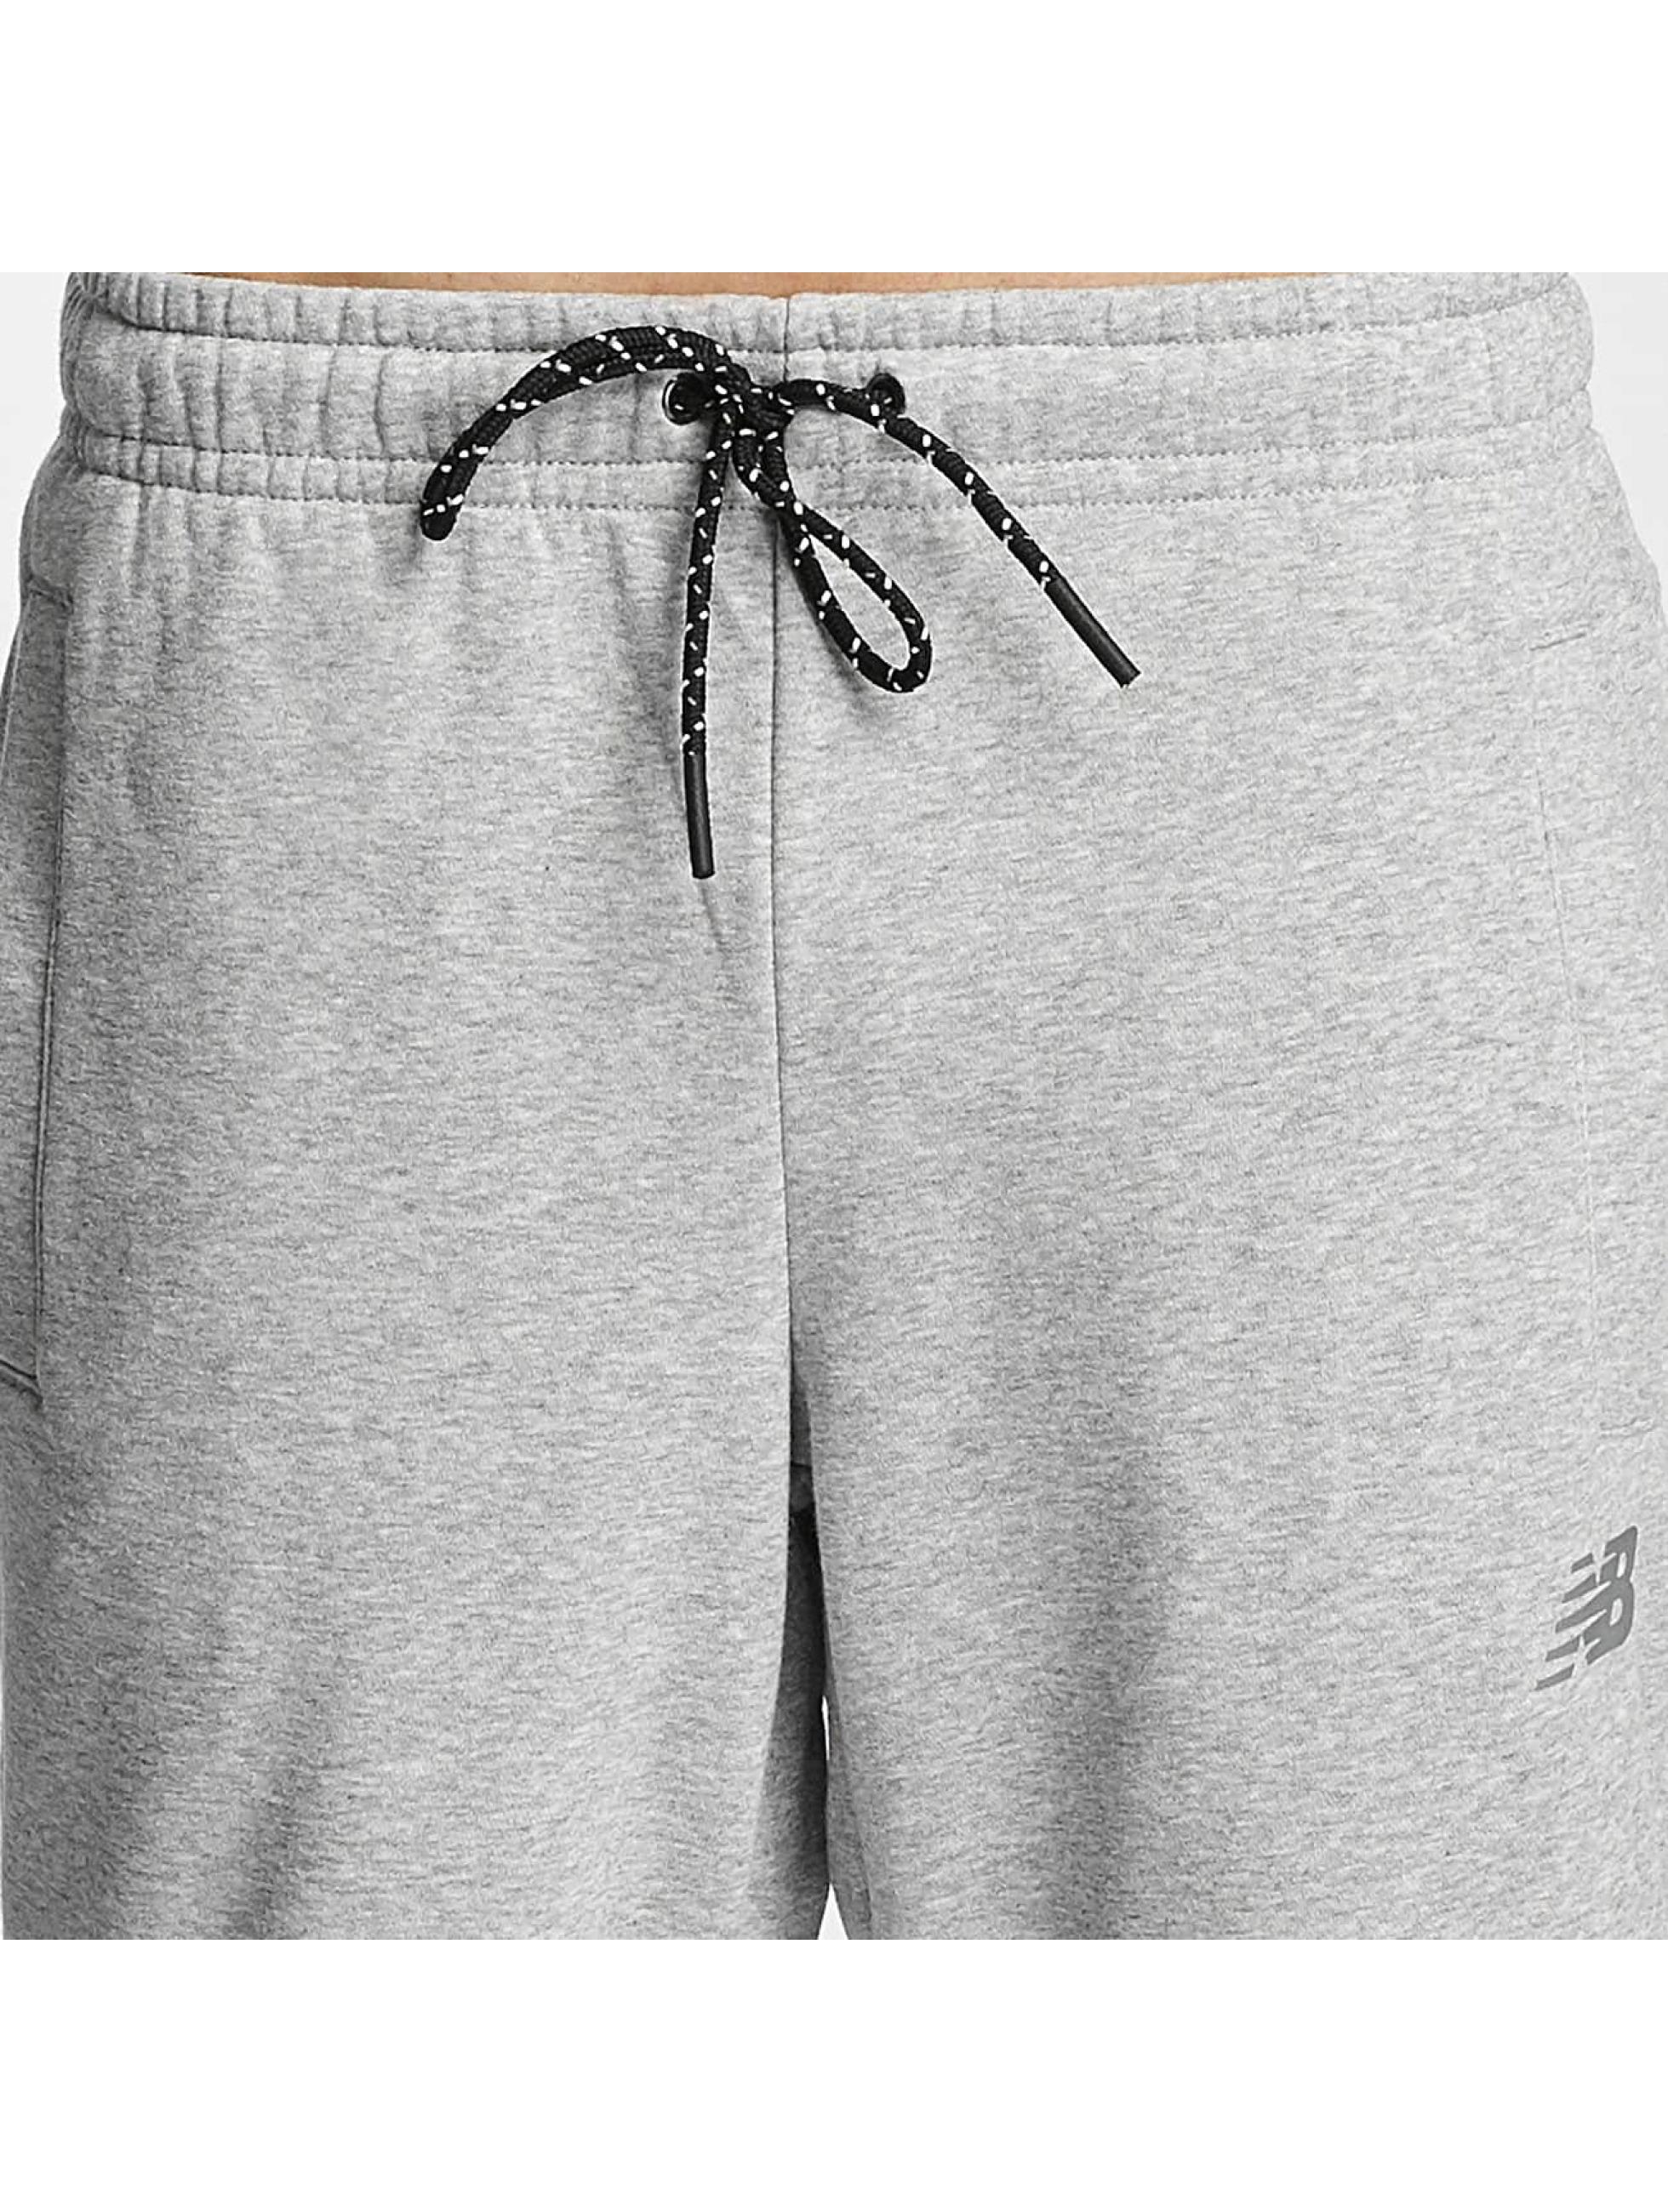 New Balance Joggebukser Athletics Knit grå